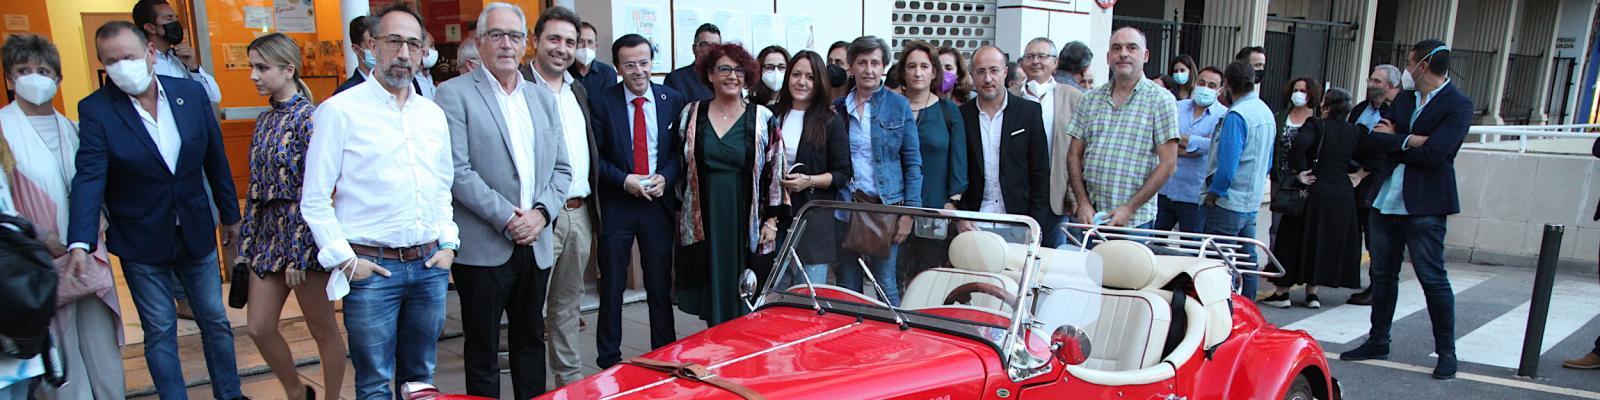 Almendralejo acoge el estreno del documental que resalta el valor del programa 'D'Rule'